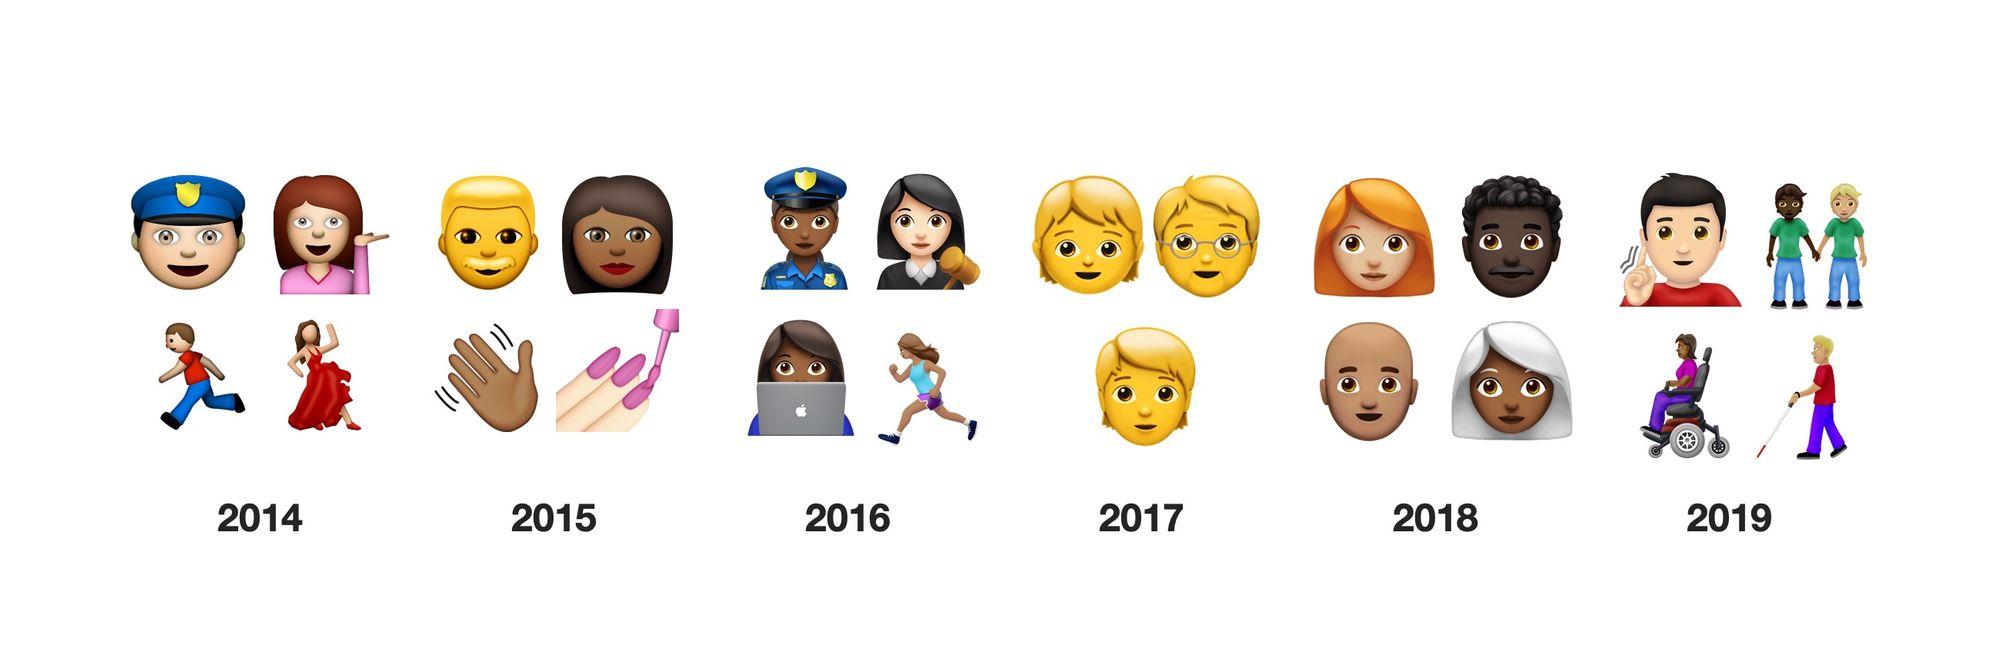 Simbol Disabilitas dan Inklusif Gender Dalam 230 Emoji Baru